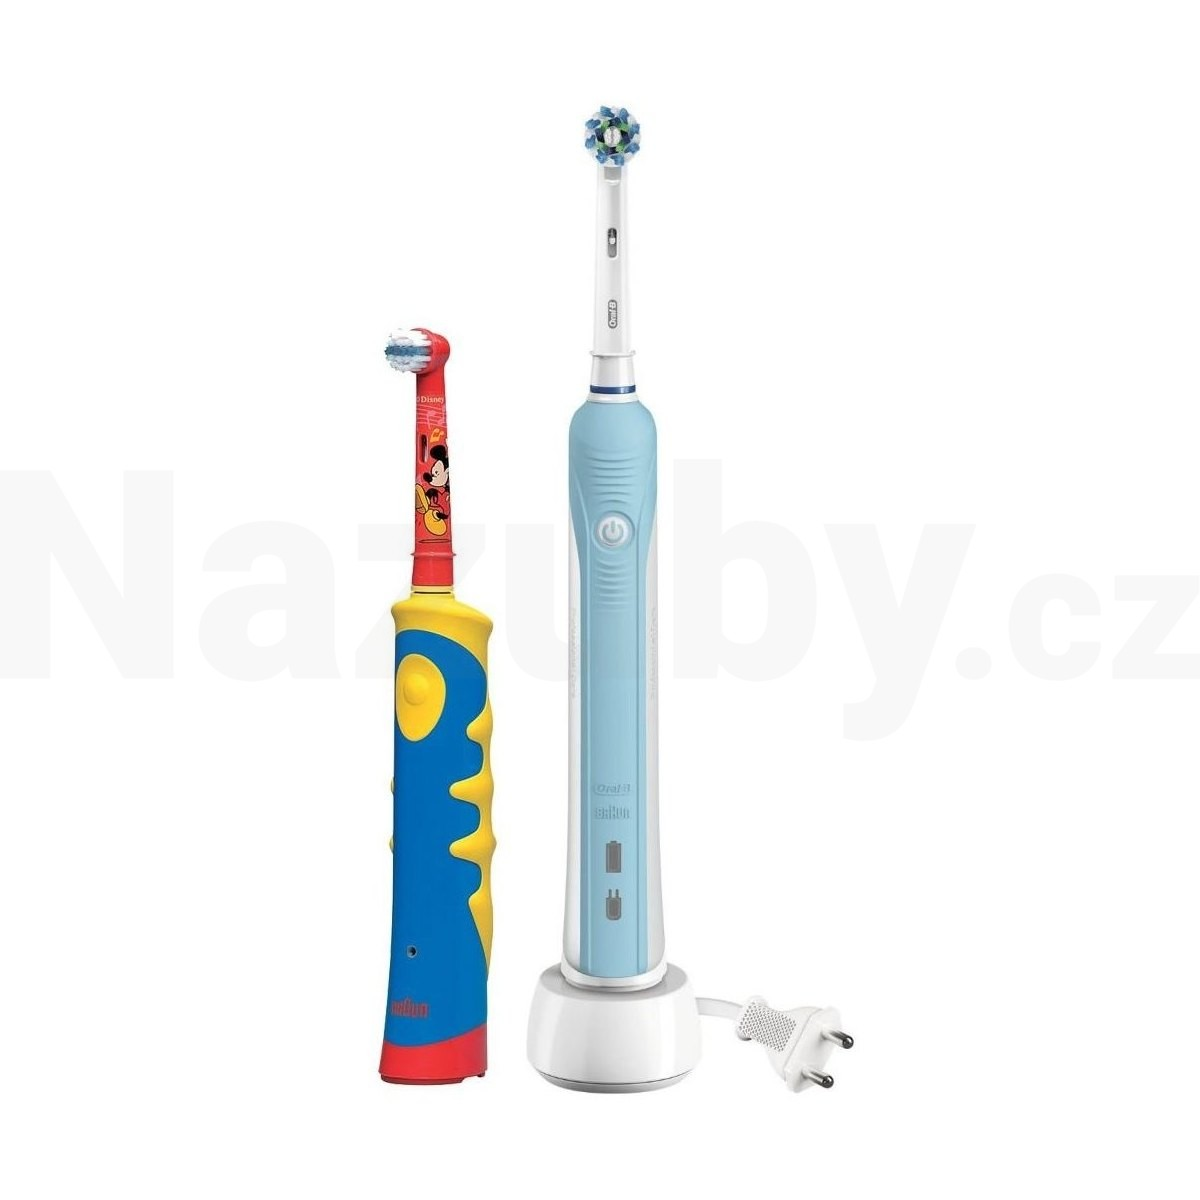 Oral-B Family pack PC 500 + D 10 K - 100 dní na vrácení zboží